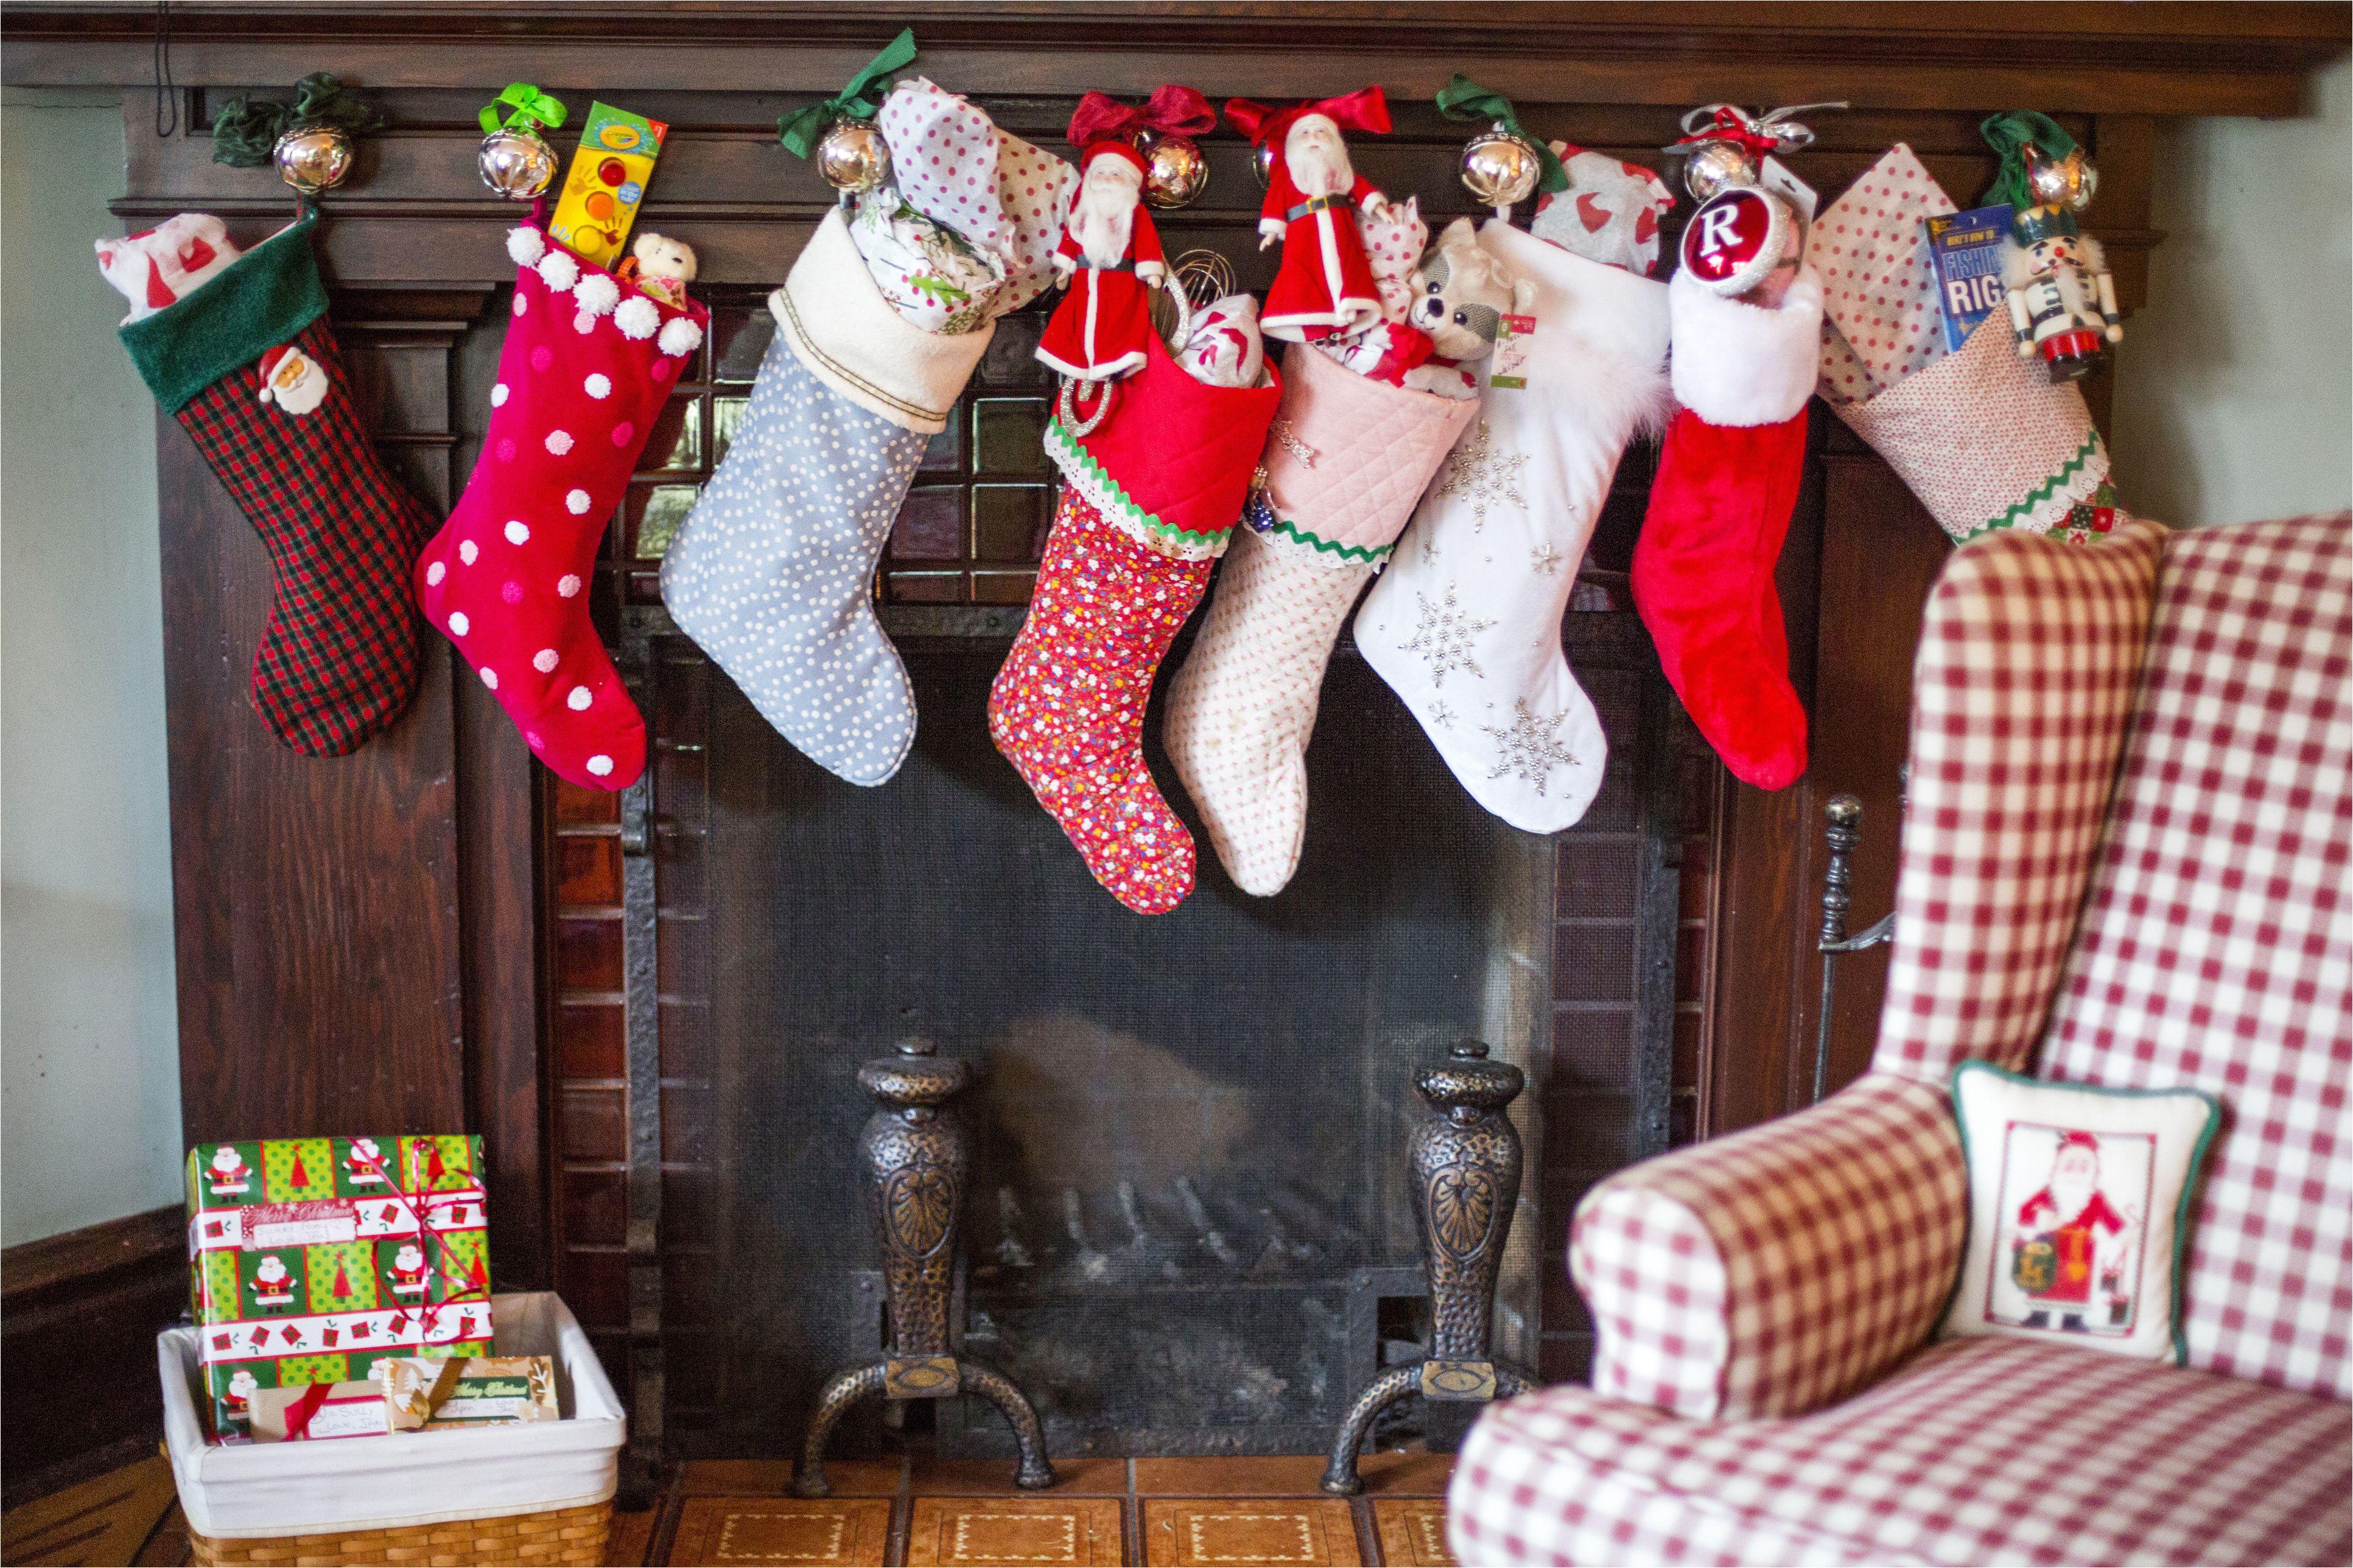 stuffed christmas stockings over fireplace 554370543 59f7502baf5d3a0010de738d jpg